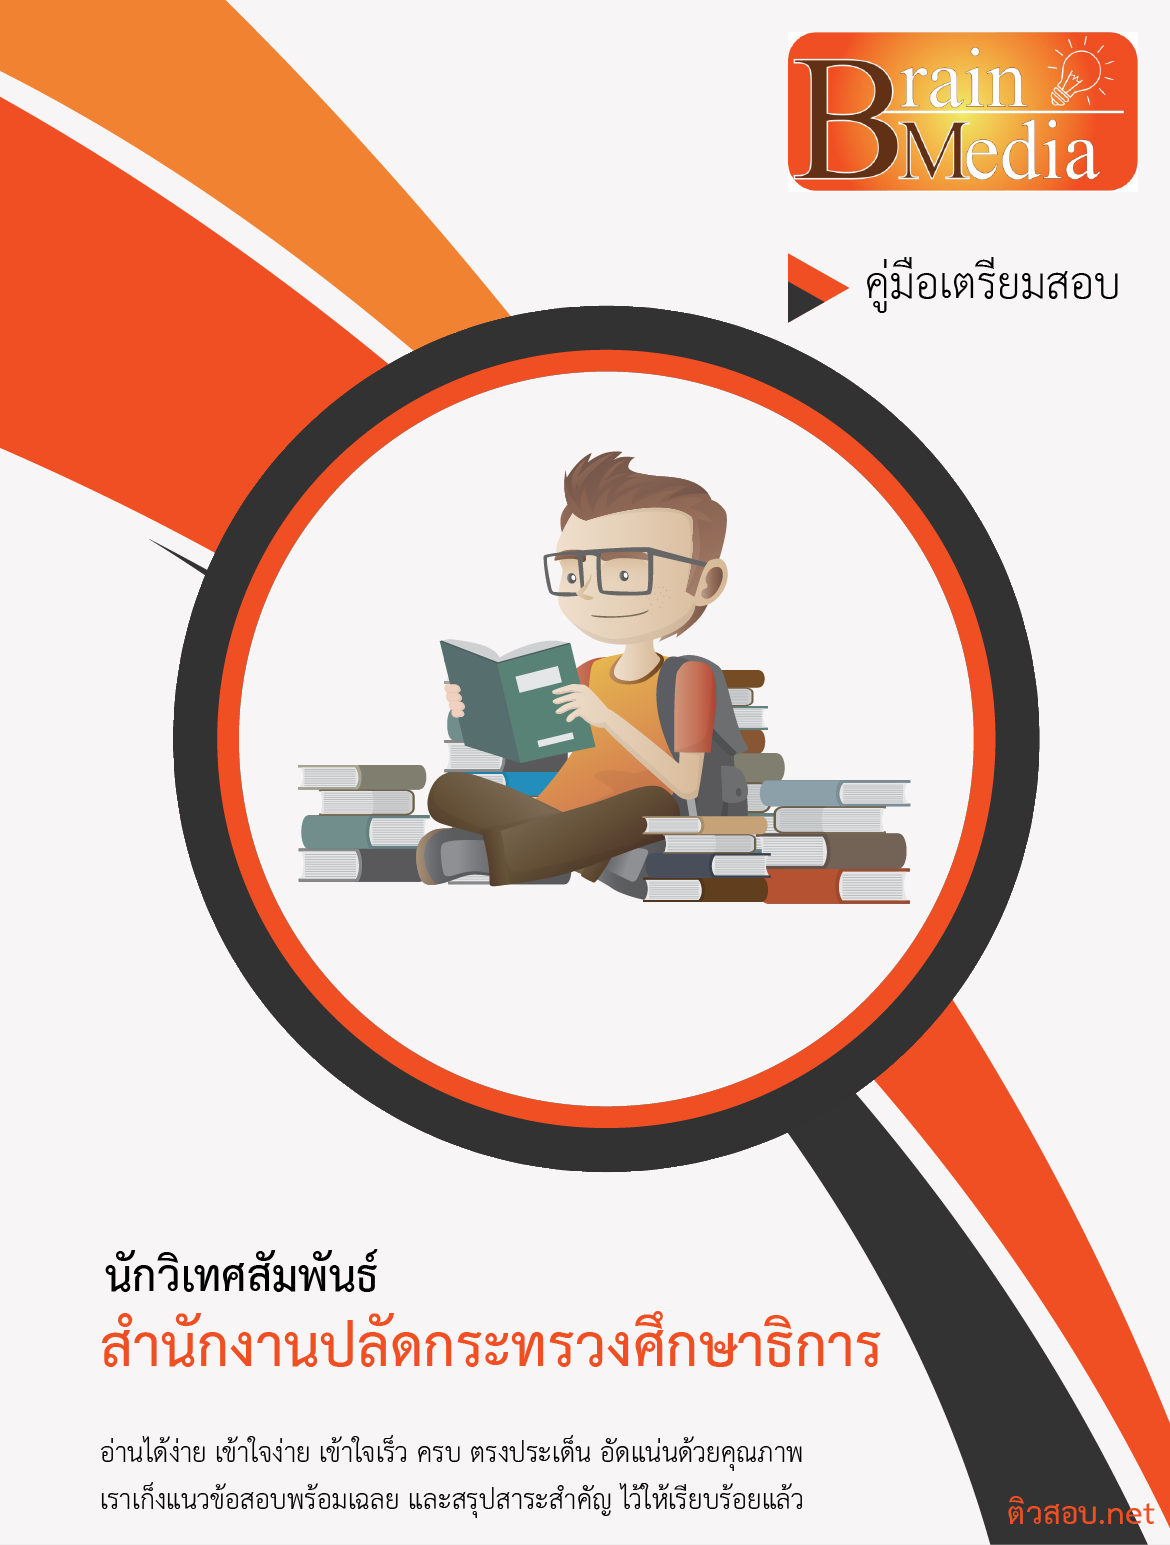 เฉลยแนวข้อสอบ นักวิเทศสัมพันธ์ สำนักงานปลัดกระทรวงศึกษาธิการ